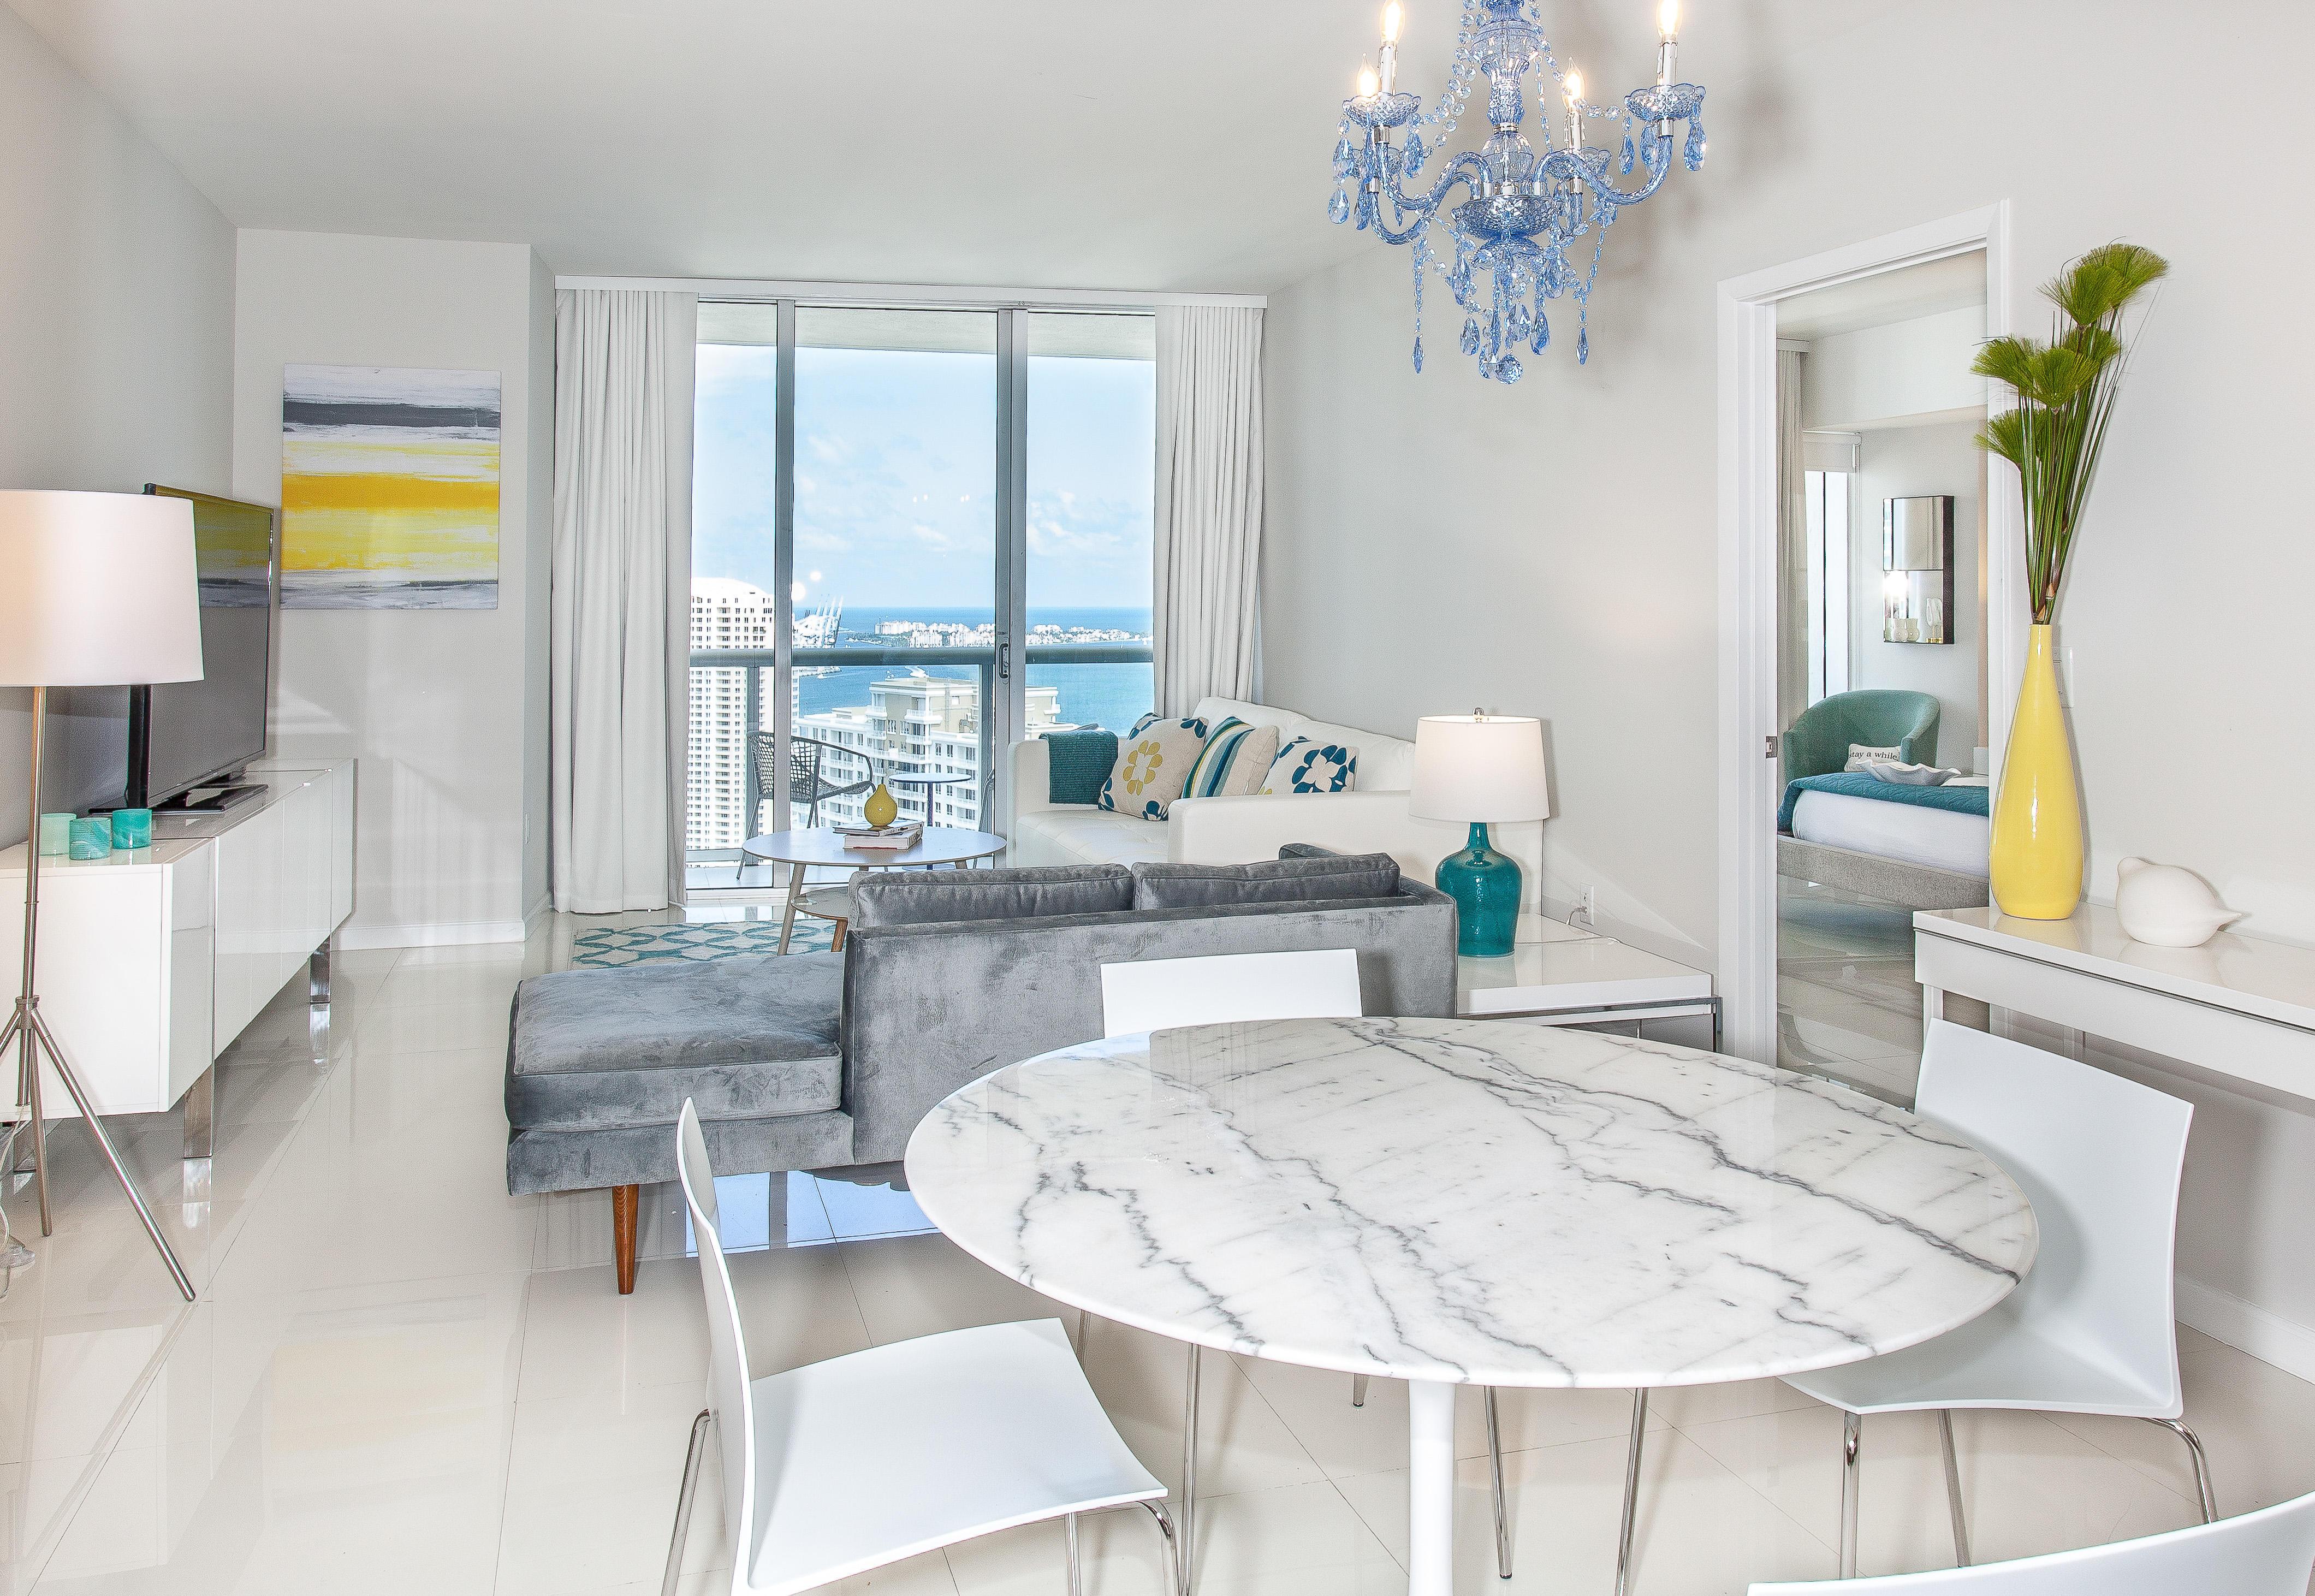 Miami Vacation Rentals - Brickell image 8